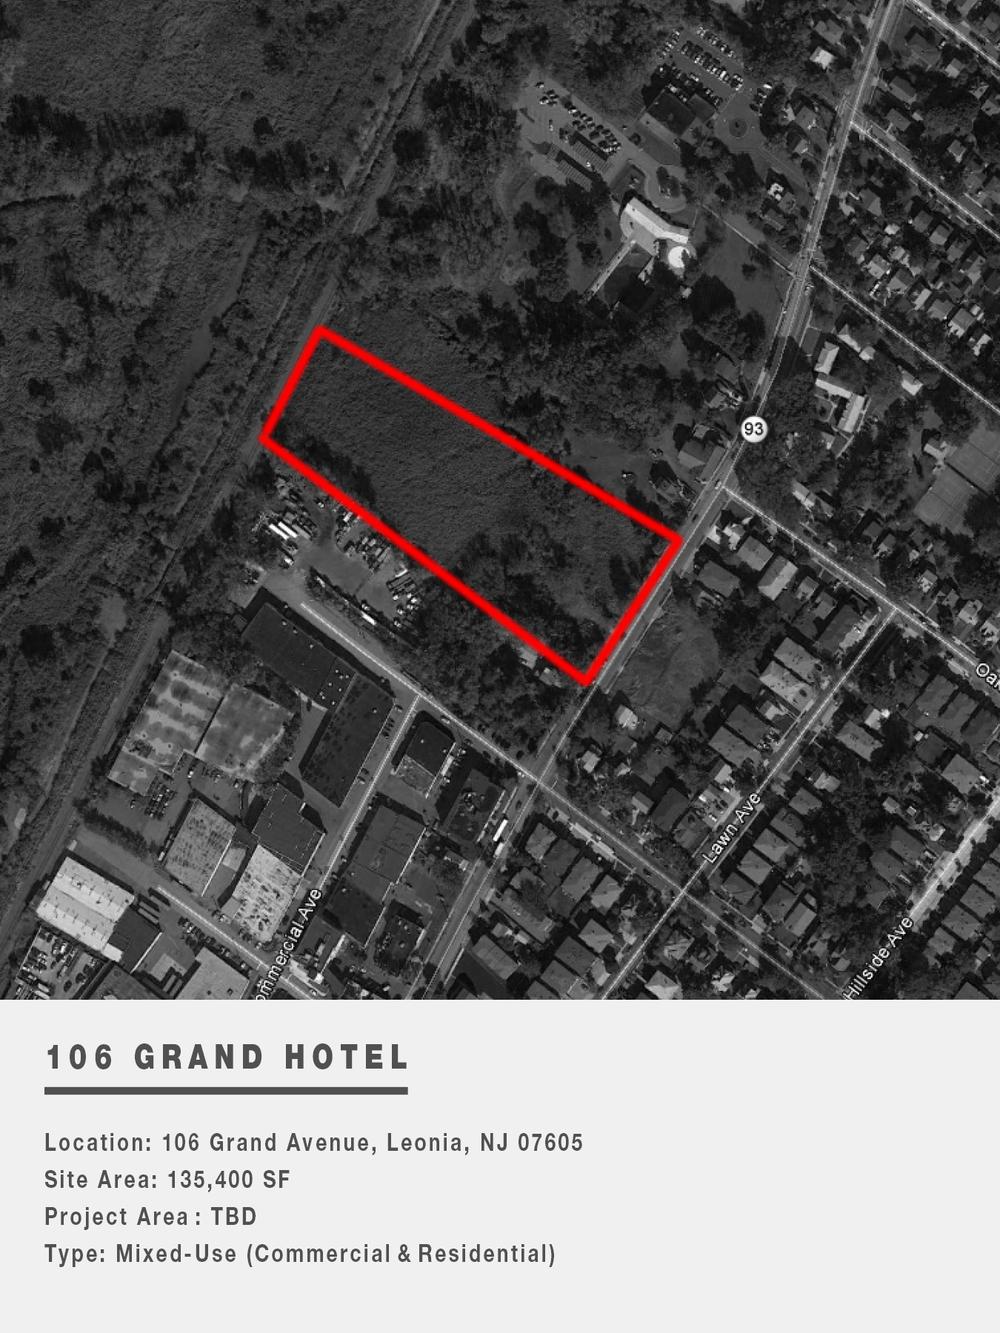 106 GRAND HOTEL